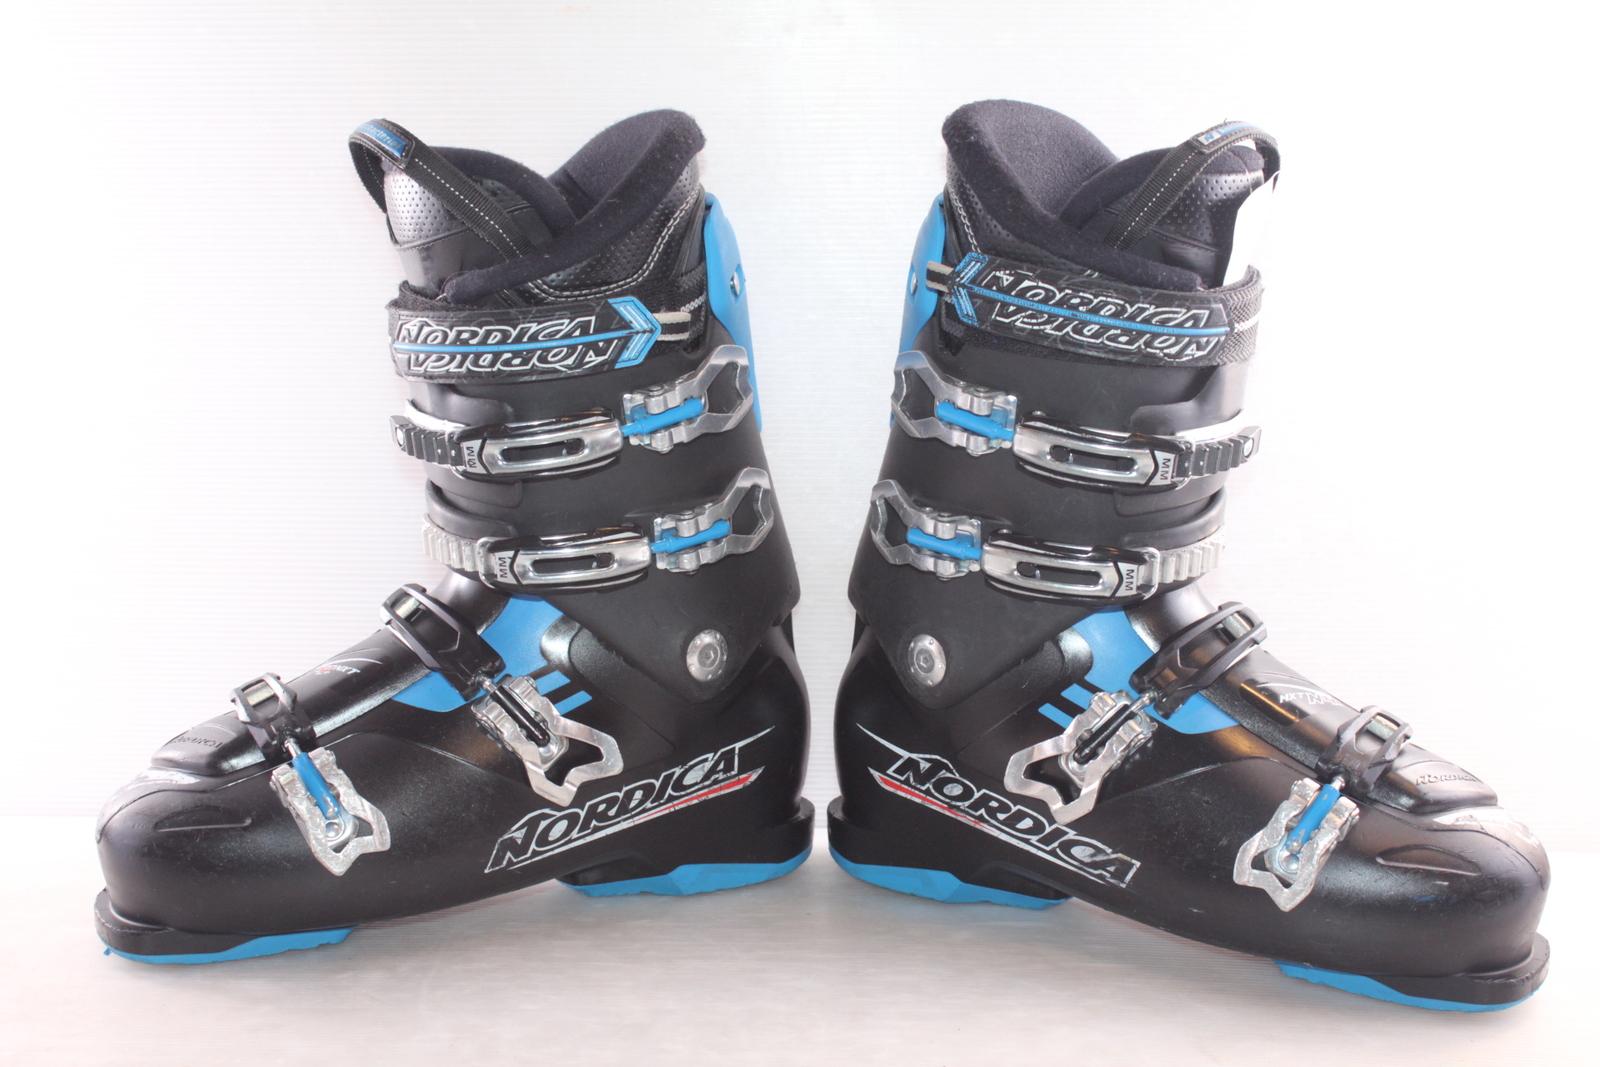 Lyžařské boty Nordica NXT N4R  vel. EU44.5 flexe 80